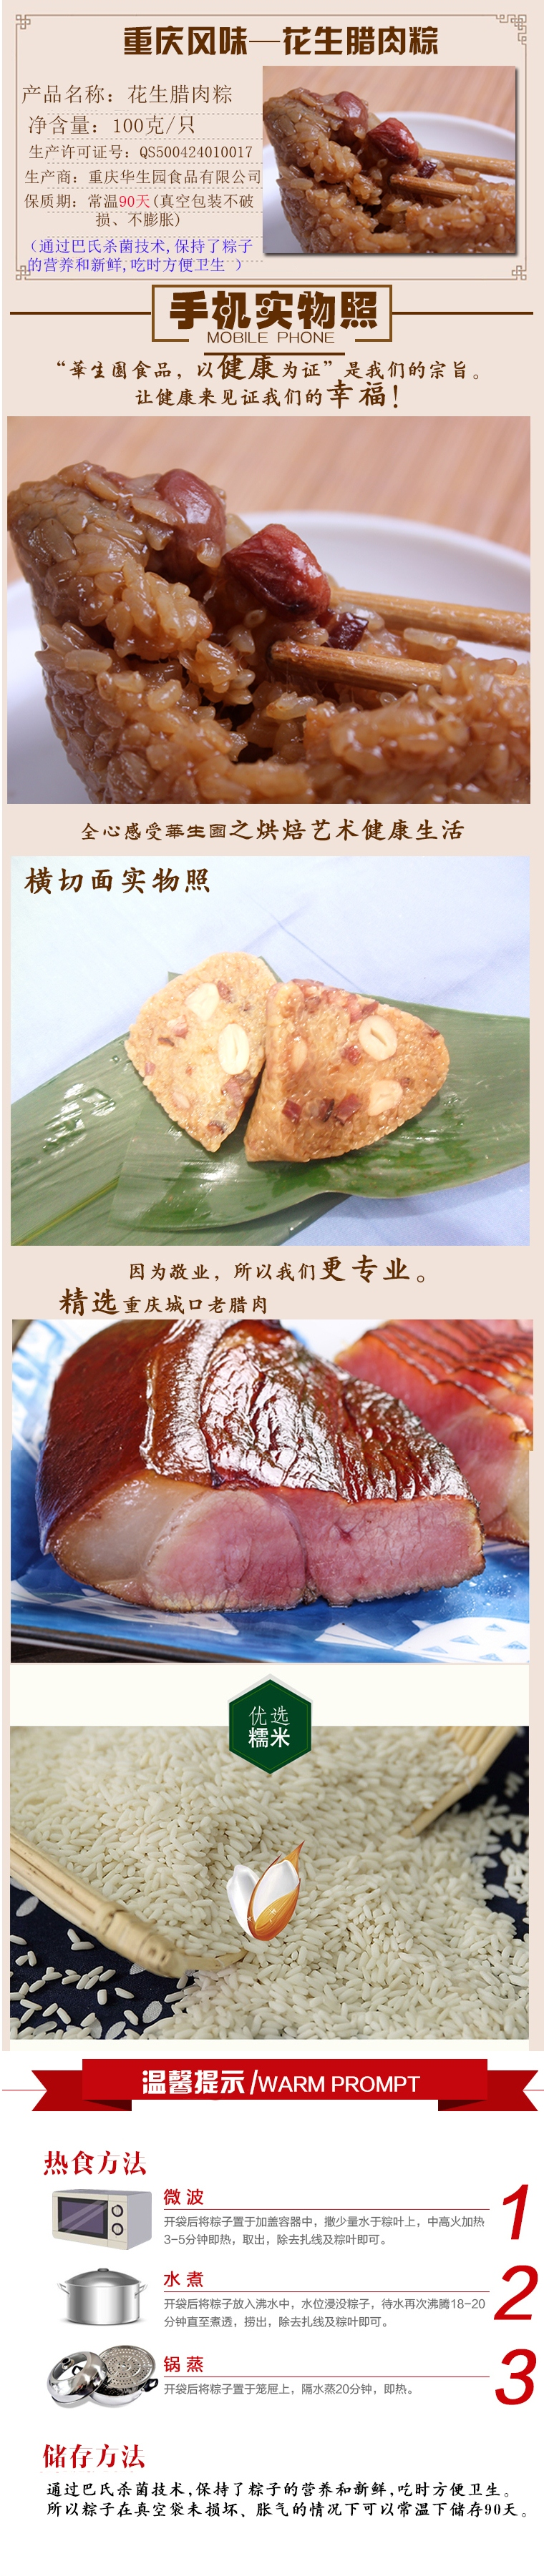 花生腊肉粽PC